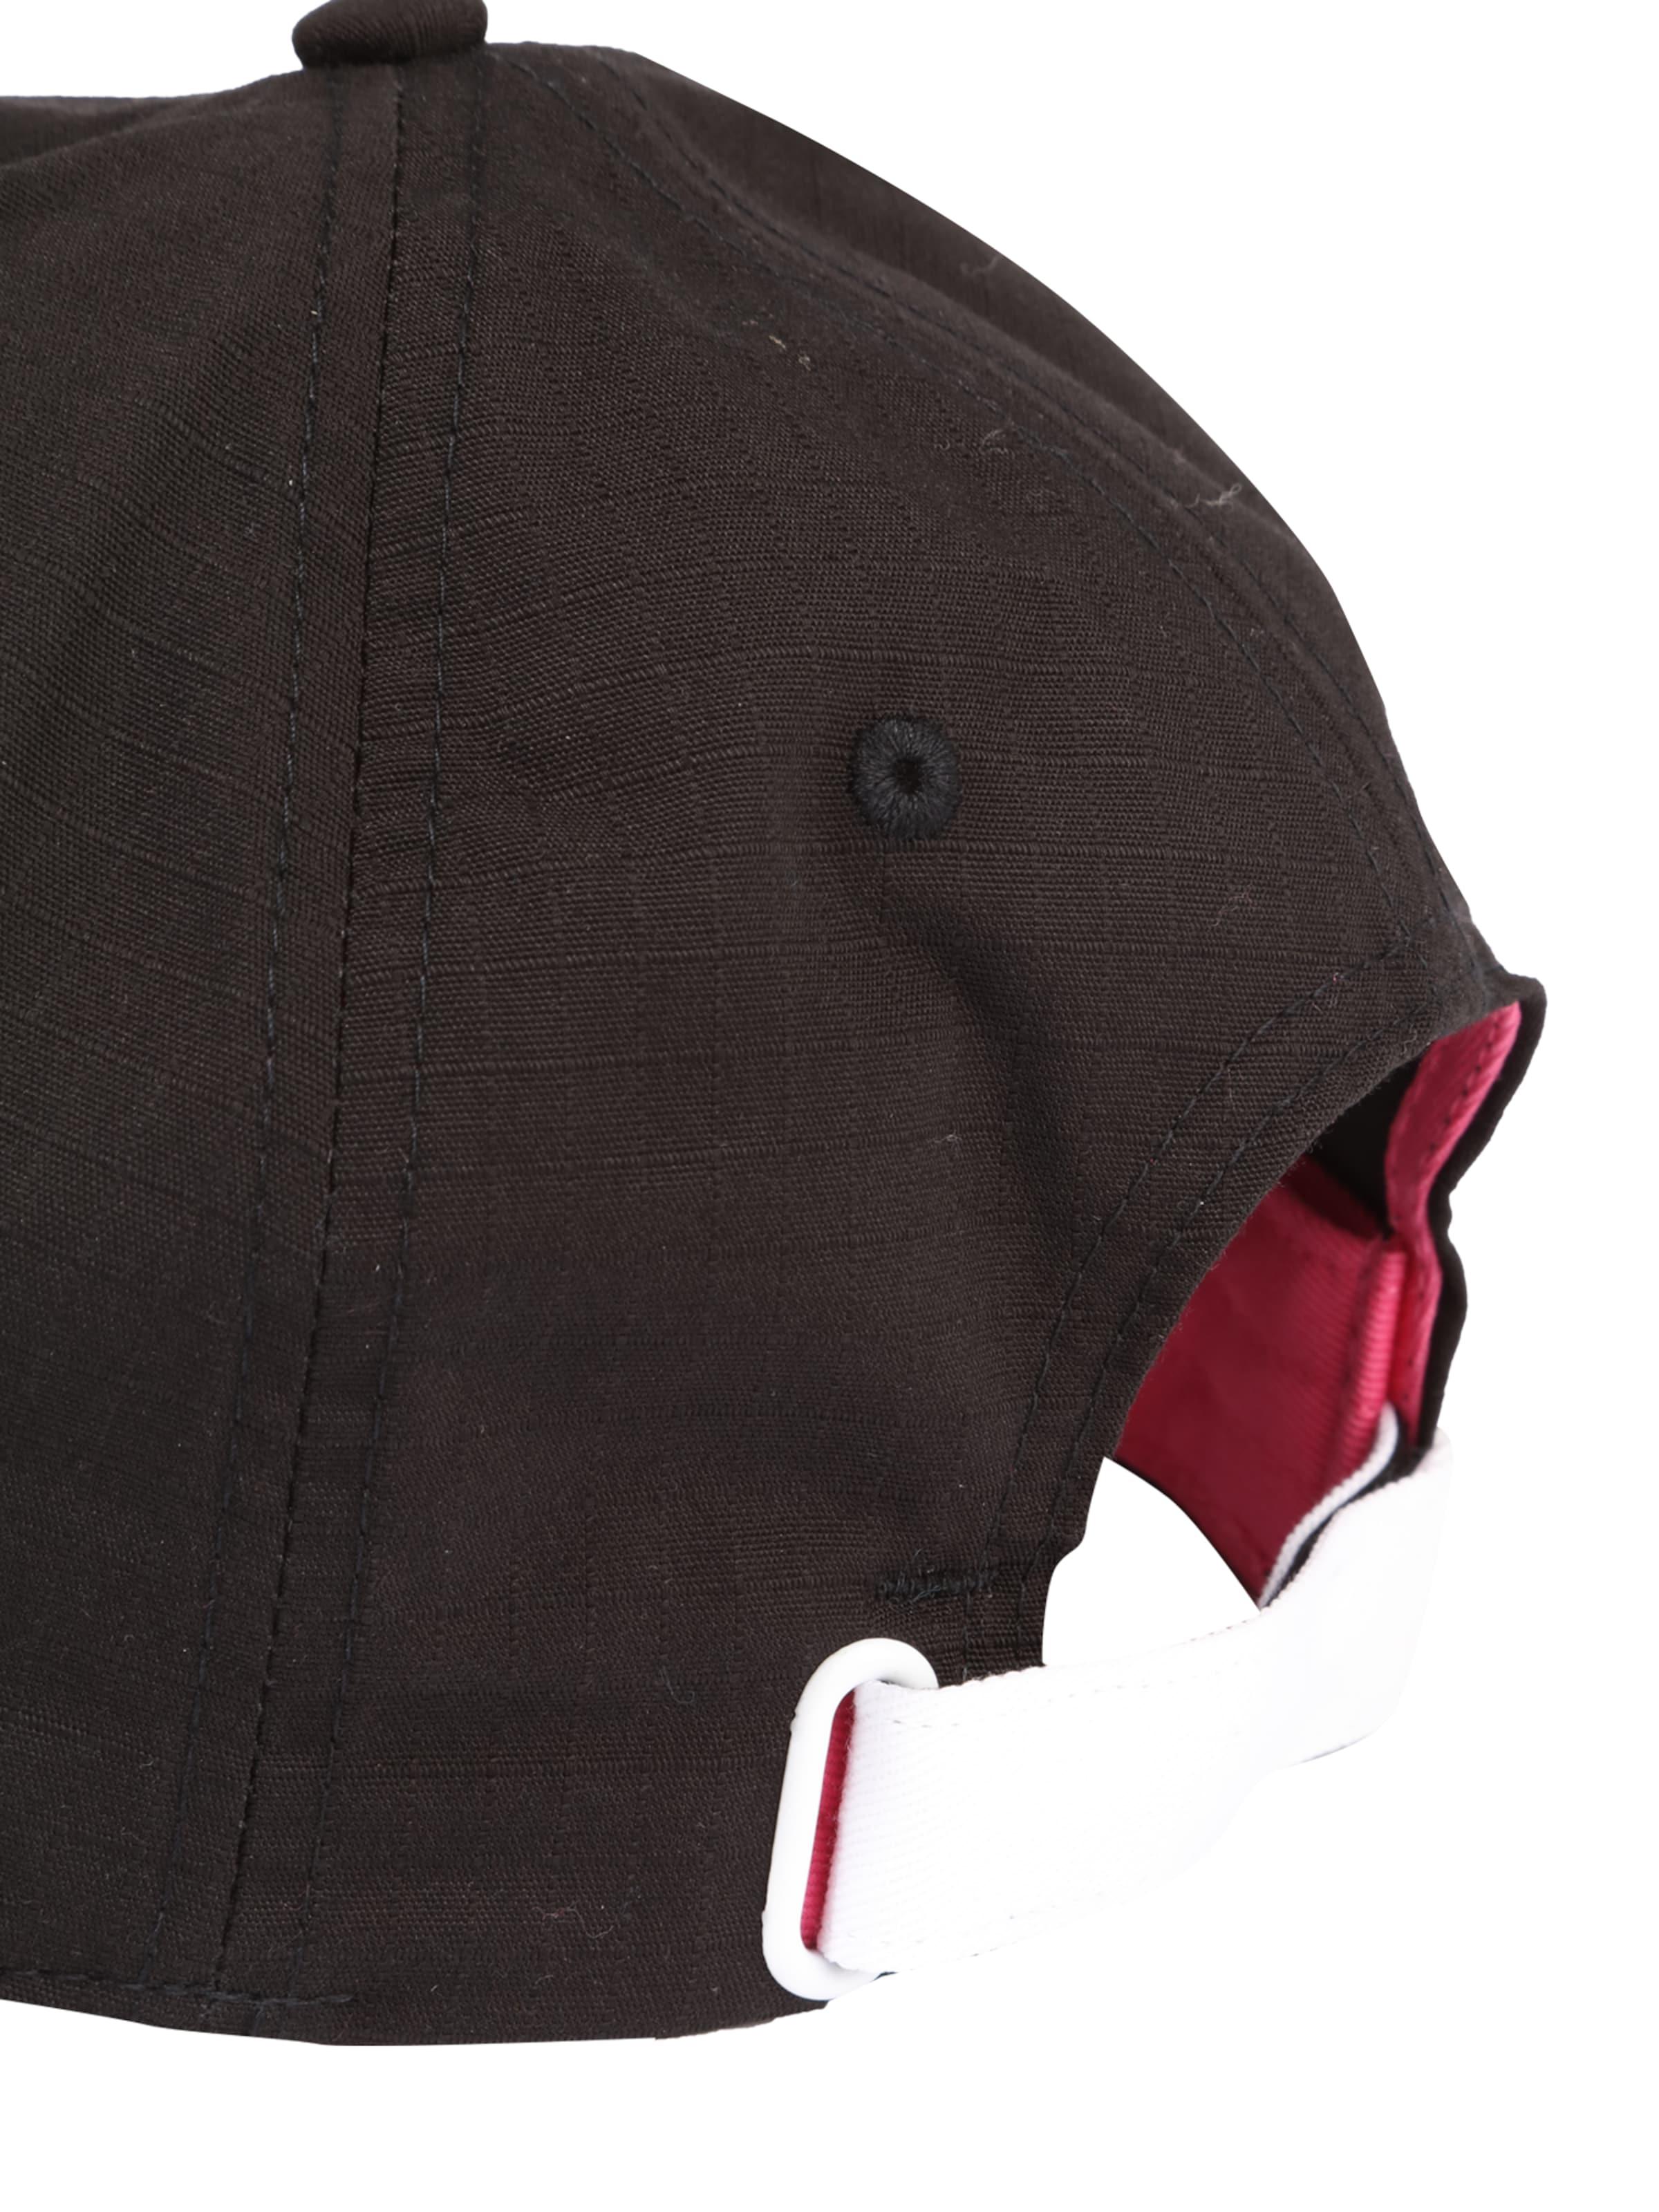 Rabatt Fälschung Breite Palette Von Calvin Klein Kappe mit Logo-Patch Finish Zum Verkauf Beliebt Wählen Sie Eine Beste JpjThW